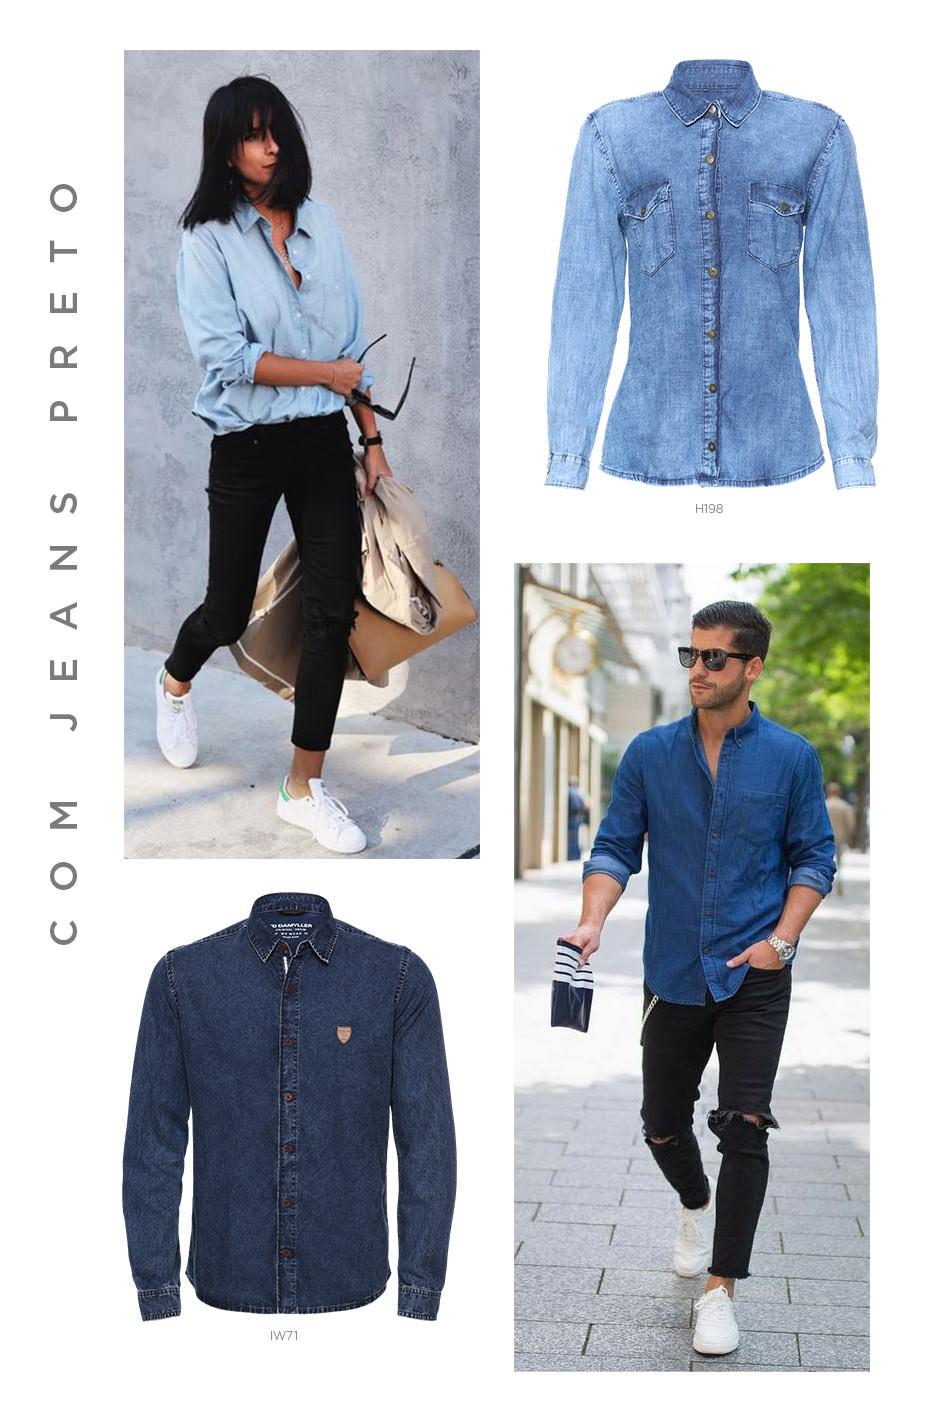 camisa-jeans-preto